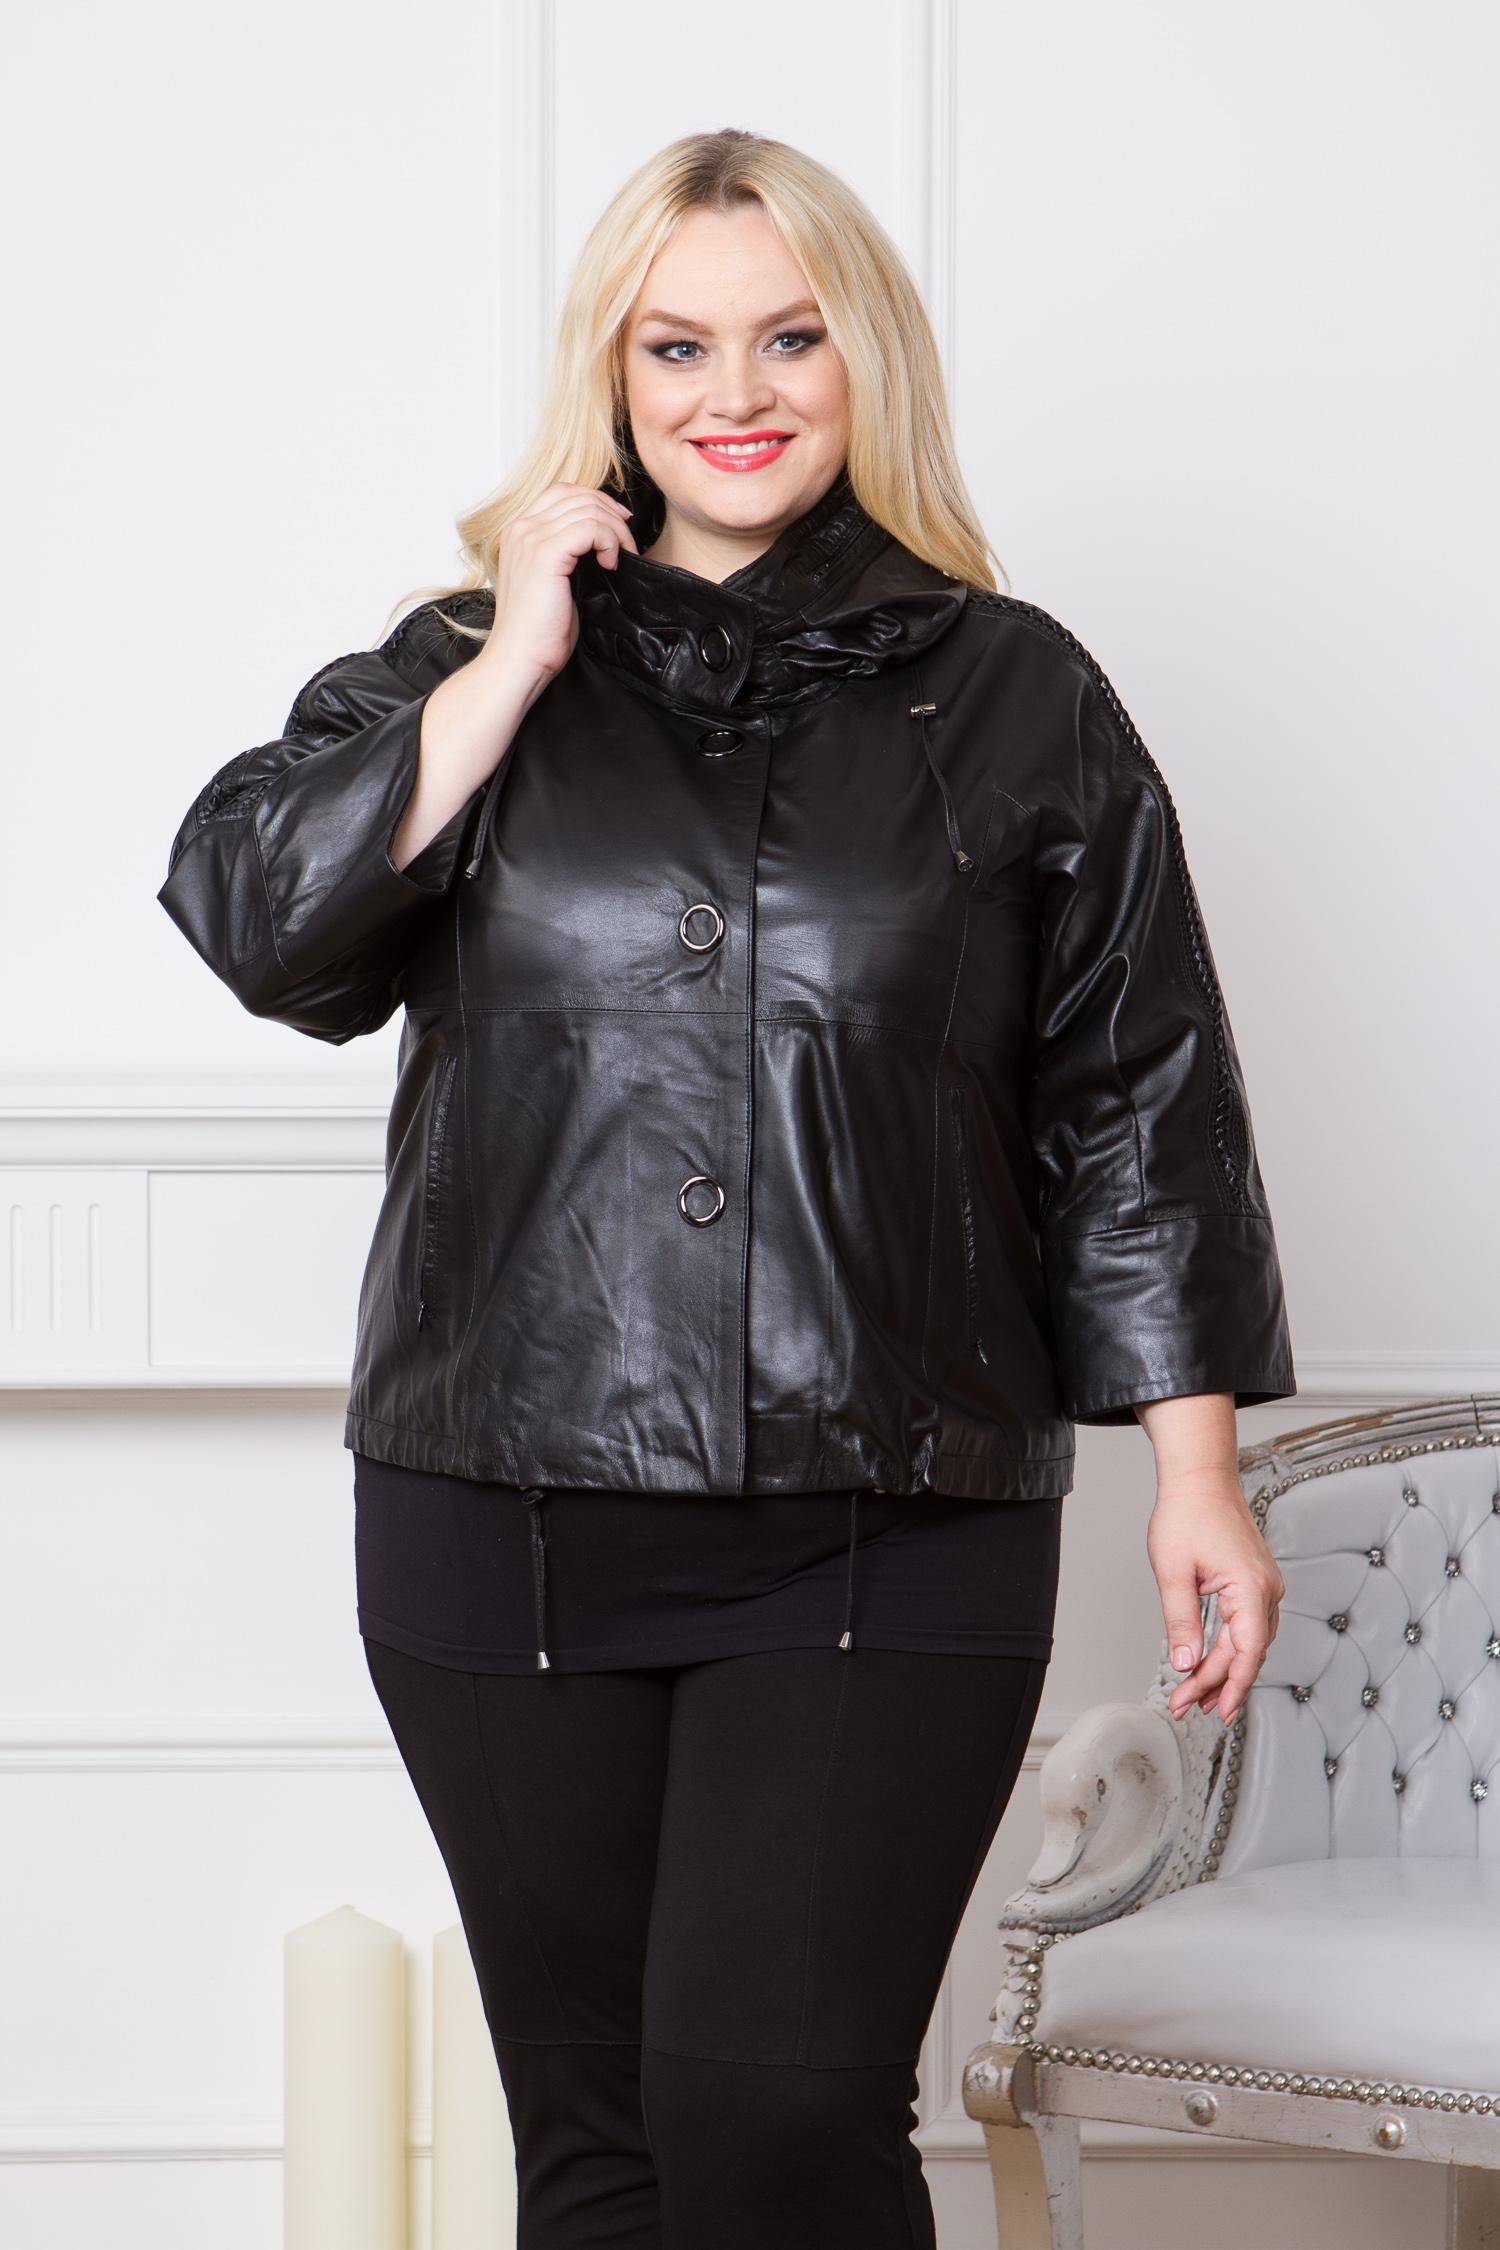 Женская кожаная куртка из натуральной кожи с капюшоном, без отделкиЦвет - оникс (черный).<br><br>Черная кожаная куртка - это основа любого гардероба. Модель выполнена из мягкой натуральной кожи ягненка с застежкой на кнопки. Главная деталь этой куртки - оригинальный объемный воротник-стойка. Это трансформер, при желании воротник превращается в капюшон из текстиля. Особого внимания в этой куртке заслуживают рукава. К их созданию дизайнеры отнеслись особенно внимательно. Это заметно по широкой пройме, укороченной длине 7/8 и декоративному рельефному рисунку. Изделие дополнено боковыми карманами с застежкой на скрытую молнию. Низ изделия регулируется кулиской.<br><br>Воротник: капюшон<br>Длина см: Короткая (51-74 )<br>Материал: Кожа овчина<br>Цвет: черный<br>Вид застежки: центральная<br>Застежка: на кнопки<br>Пол: Женский<br>Размер RU: 58